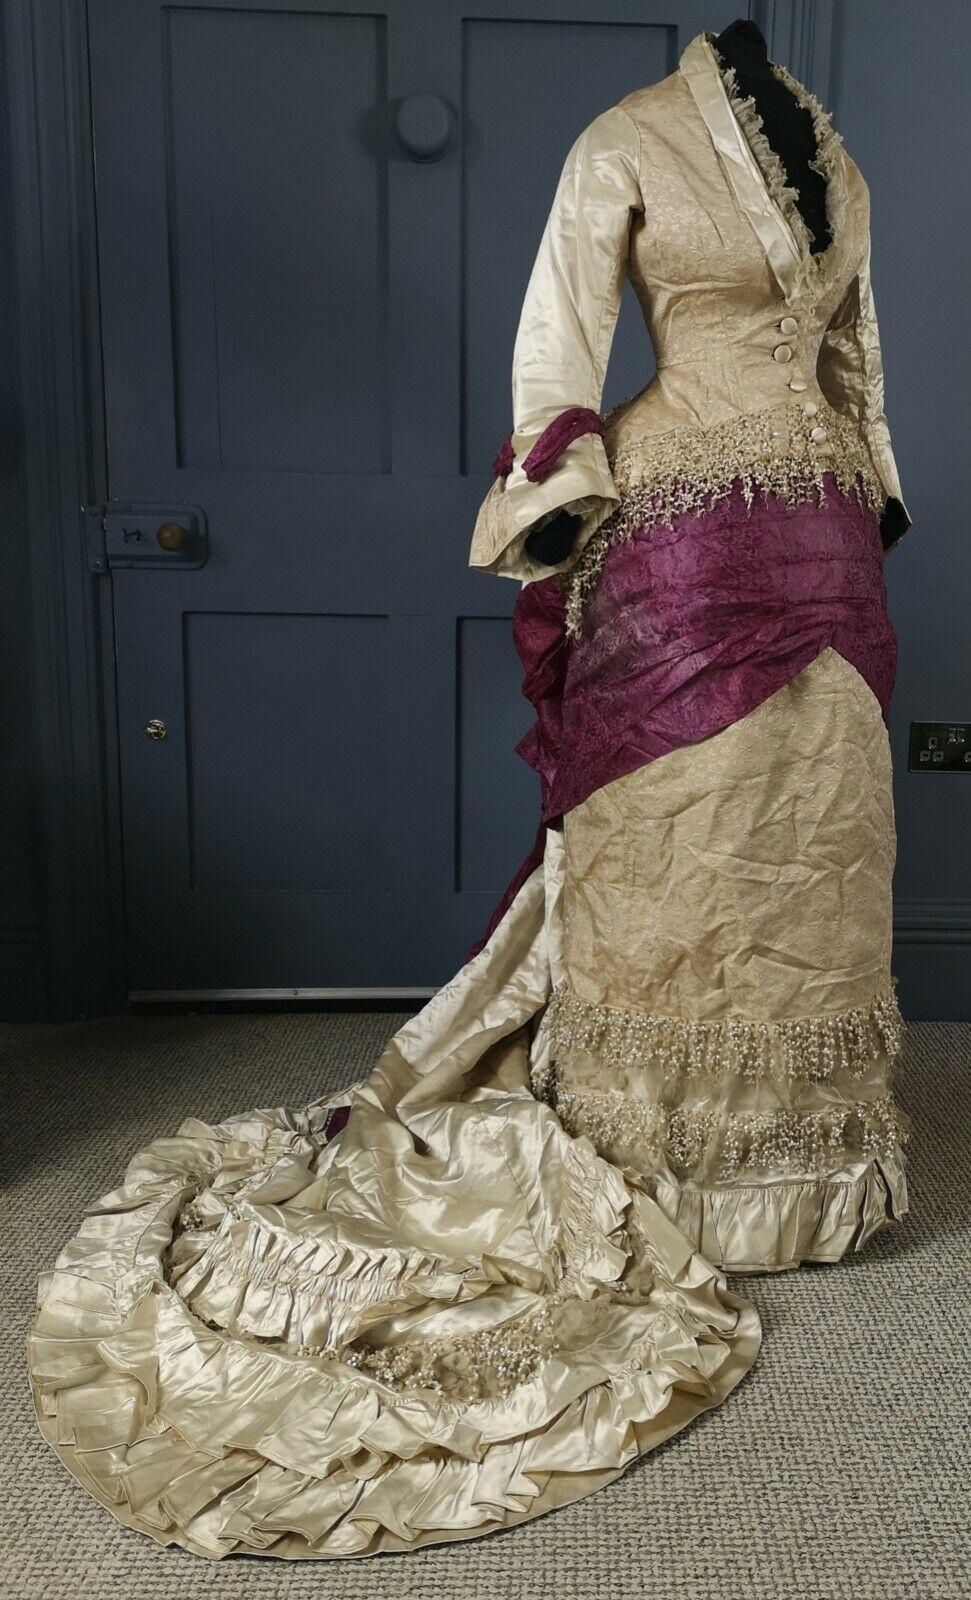 Details zu RARE 1880s Natural Form Bustle Ballgown / Evening Dress - Victorian Antique #dollvictoriandressstyles